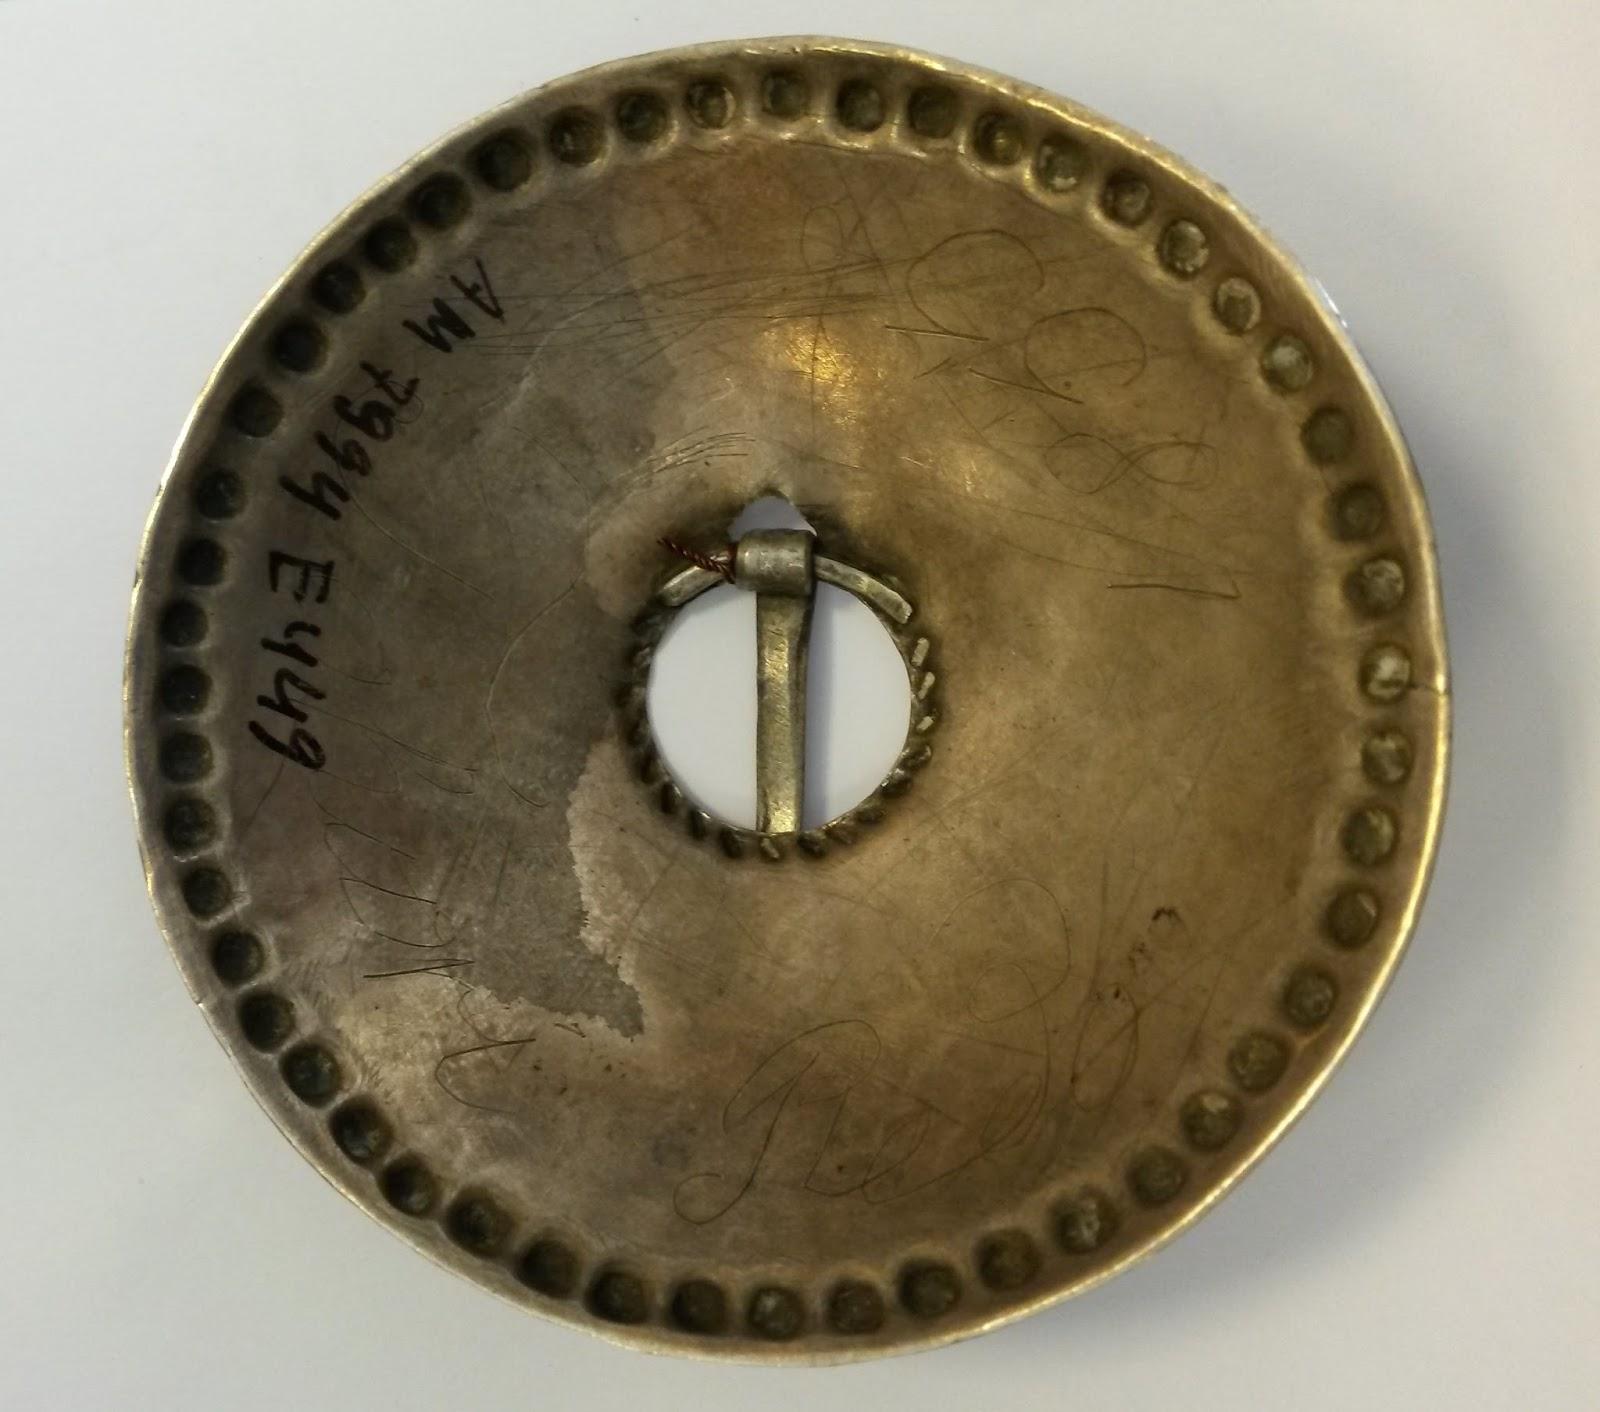 """77759659b76 Originaali taha on kraabitud kiri """"TOHVRI REDO 1833"""", kuhiksõle diameeter  61 mm."""